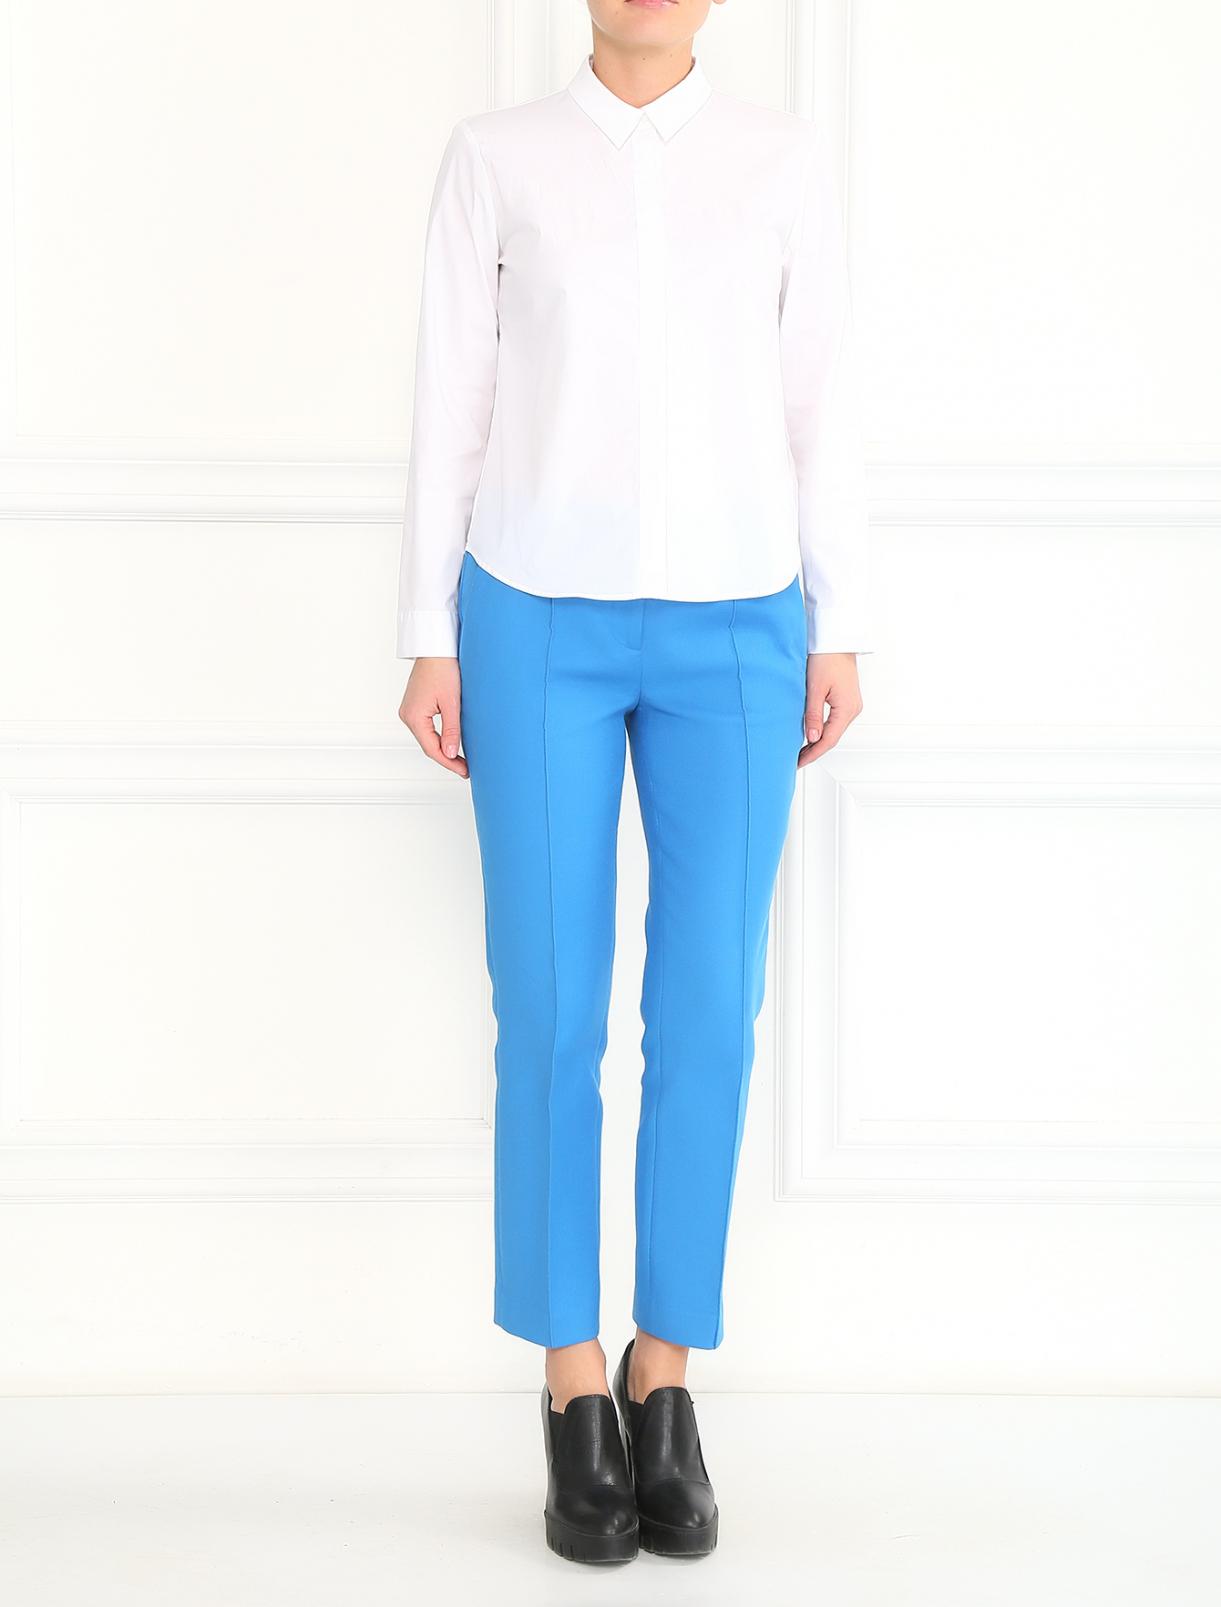 Узкие укороченные брюки Jil Sander Navy  –  Модель Общий вид